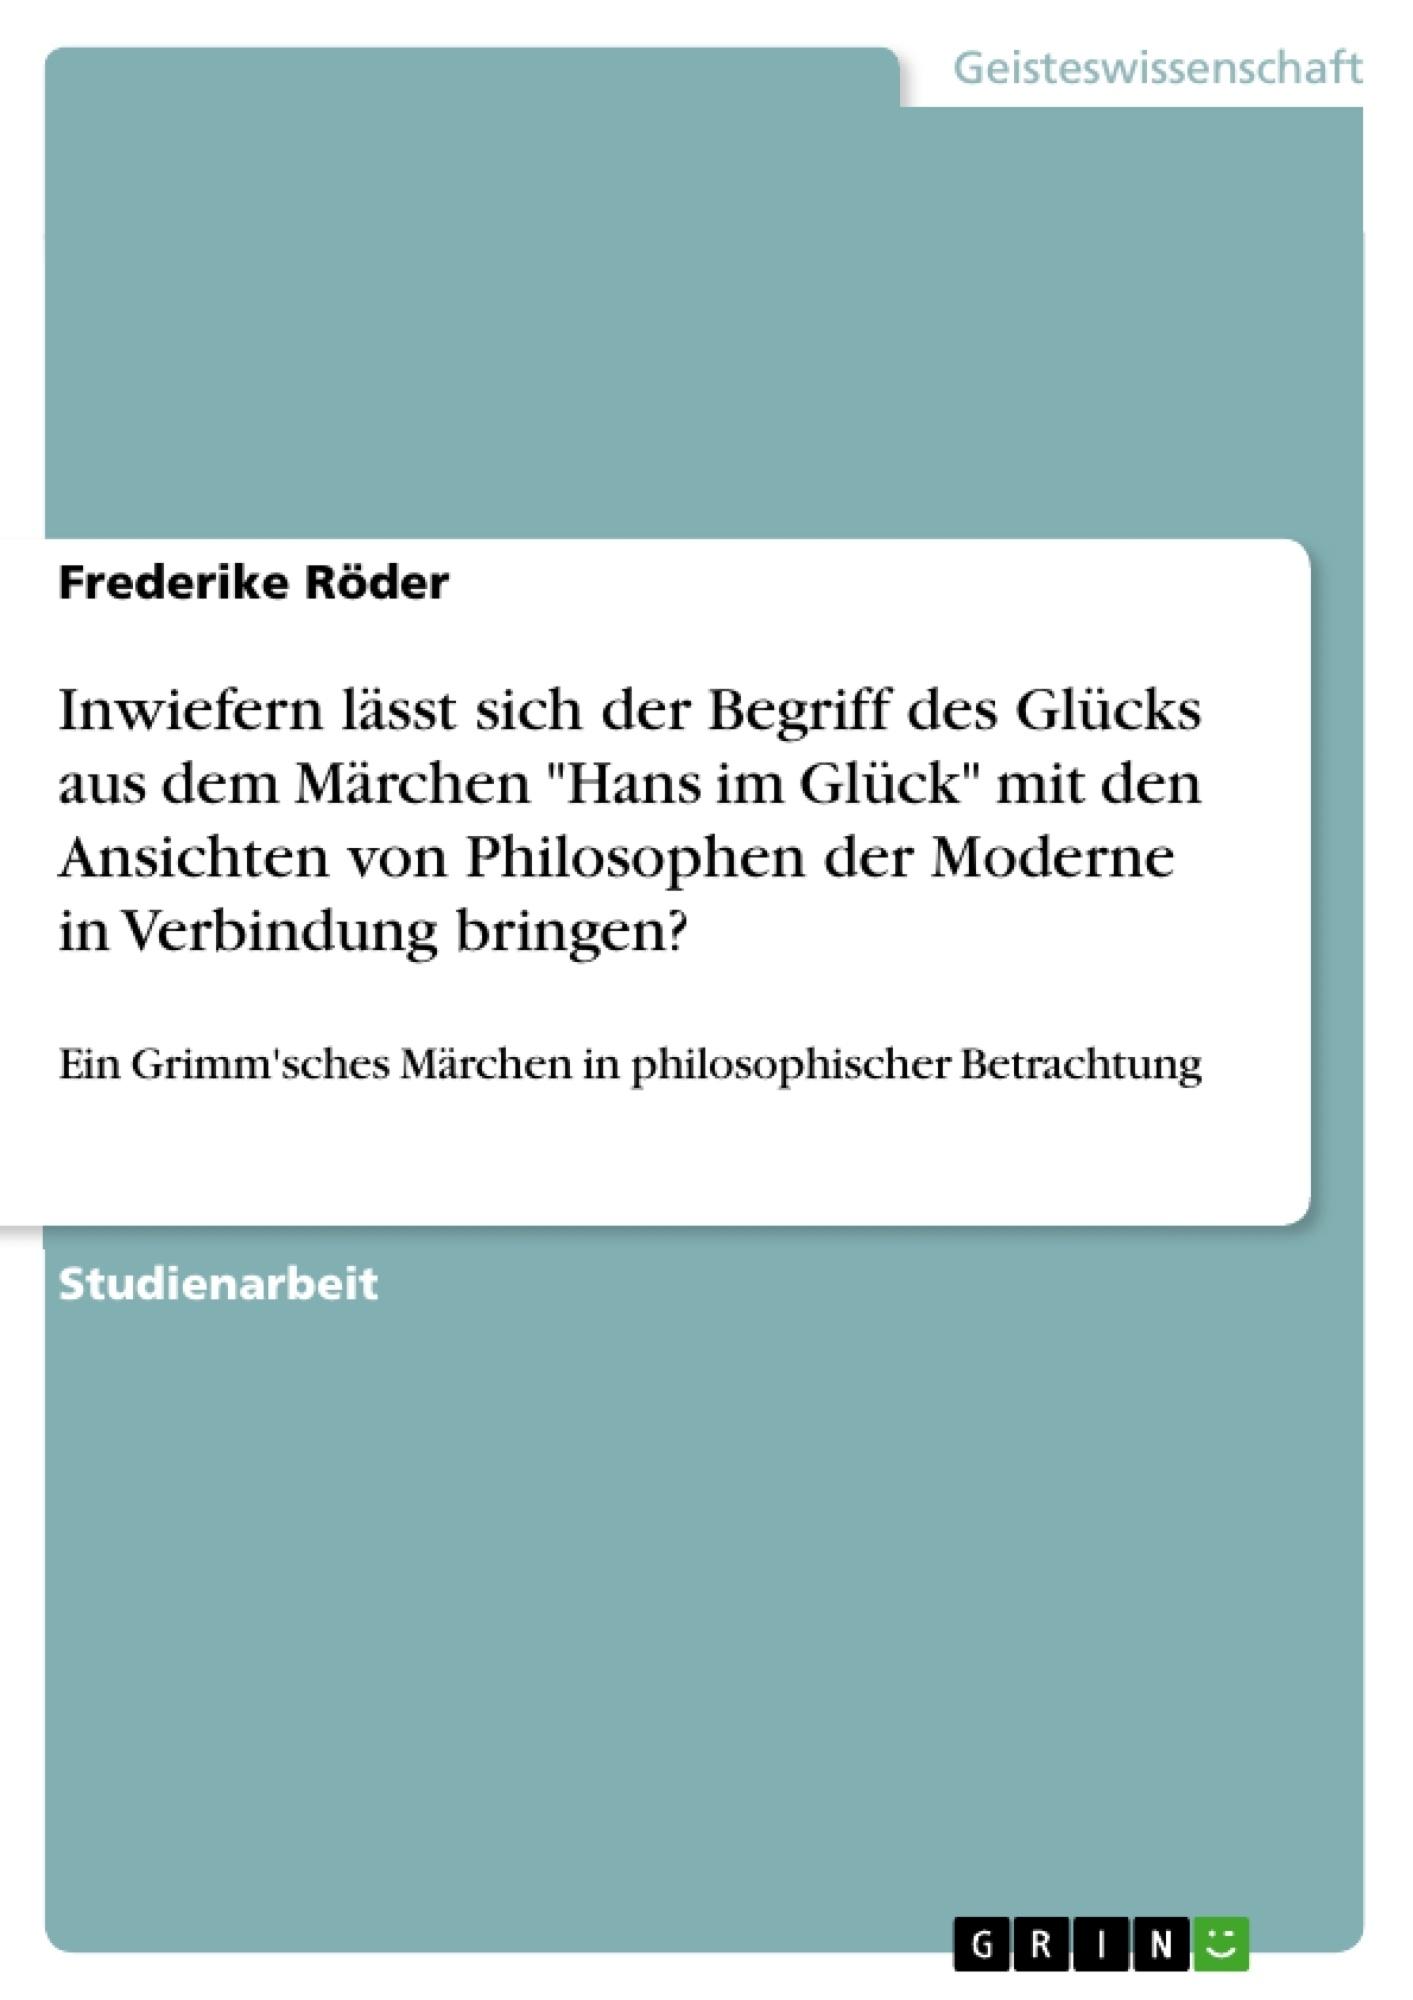 """Titel: Inwiefern lässt sich der Begriff des Glücks aus dem Märchen """"Hans im Glück"""" mit den Ansichten von Philosophen der Moderne in Verbindung bringen?"""